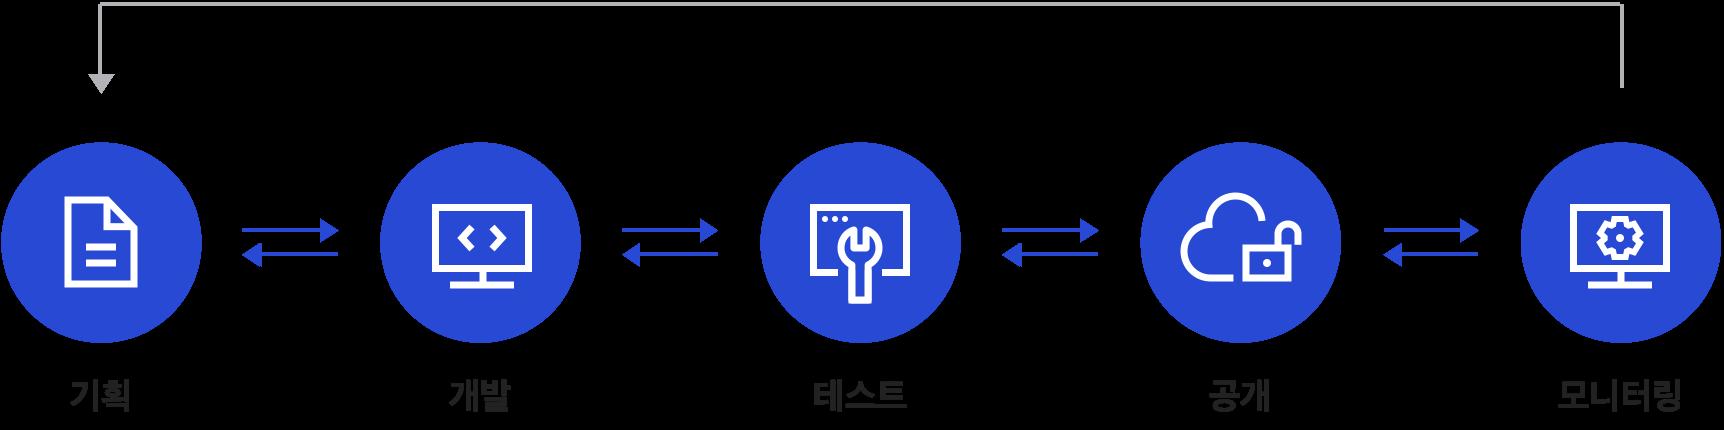 Bot 개발 라이프 사이클